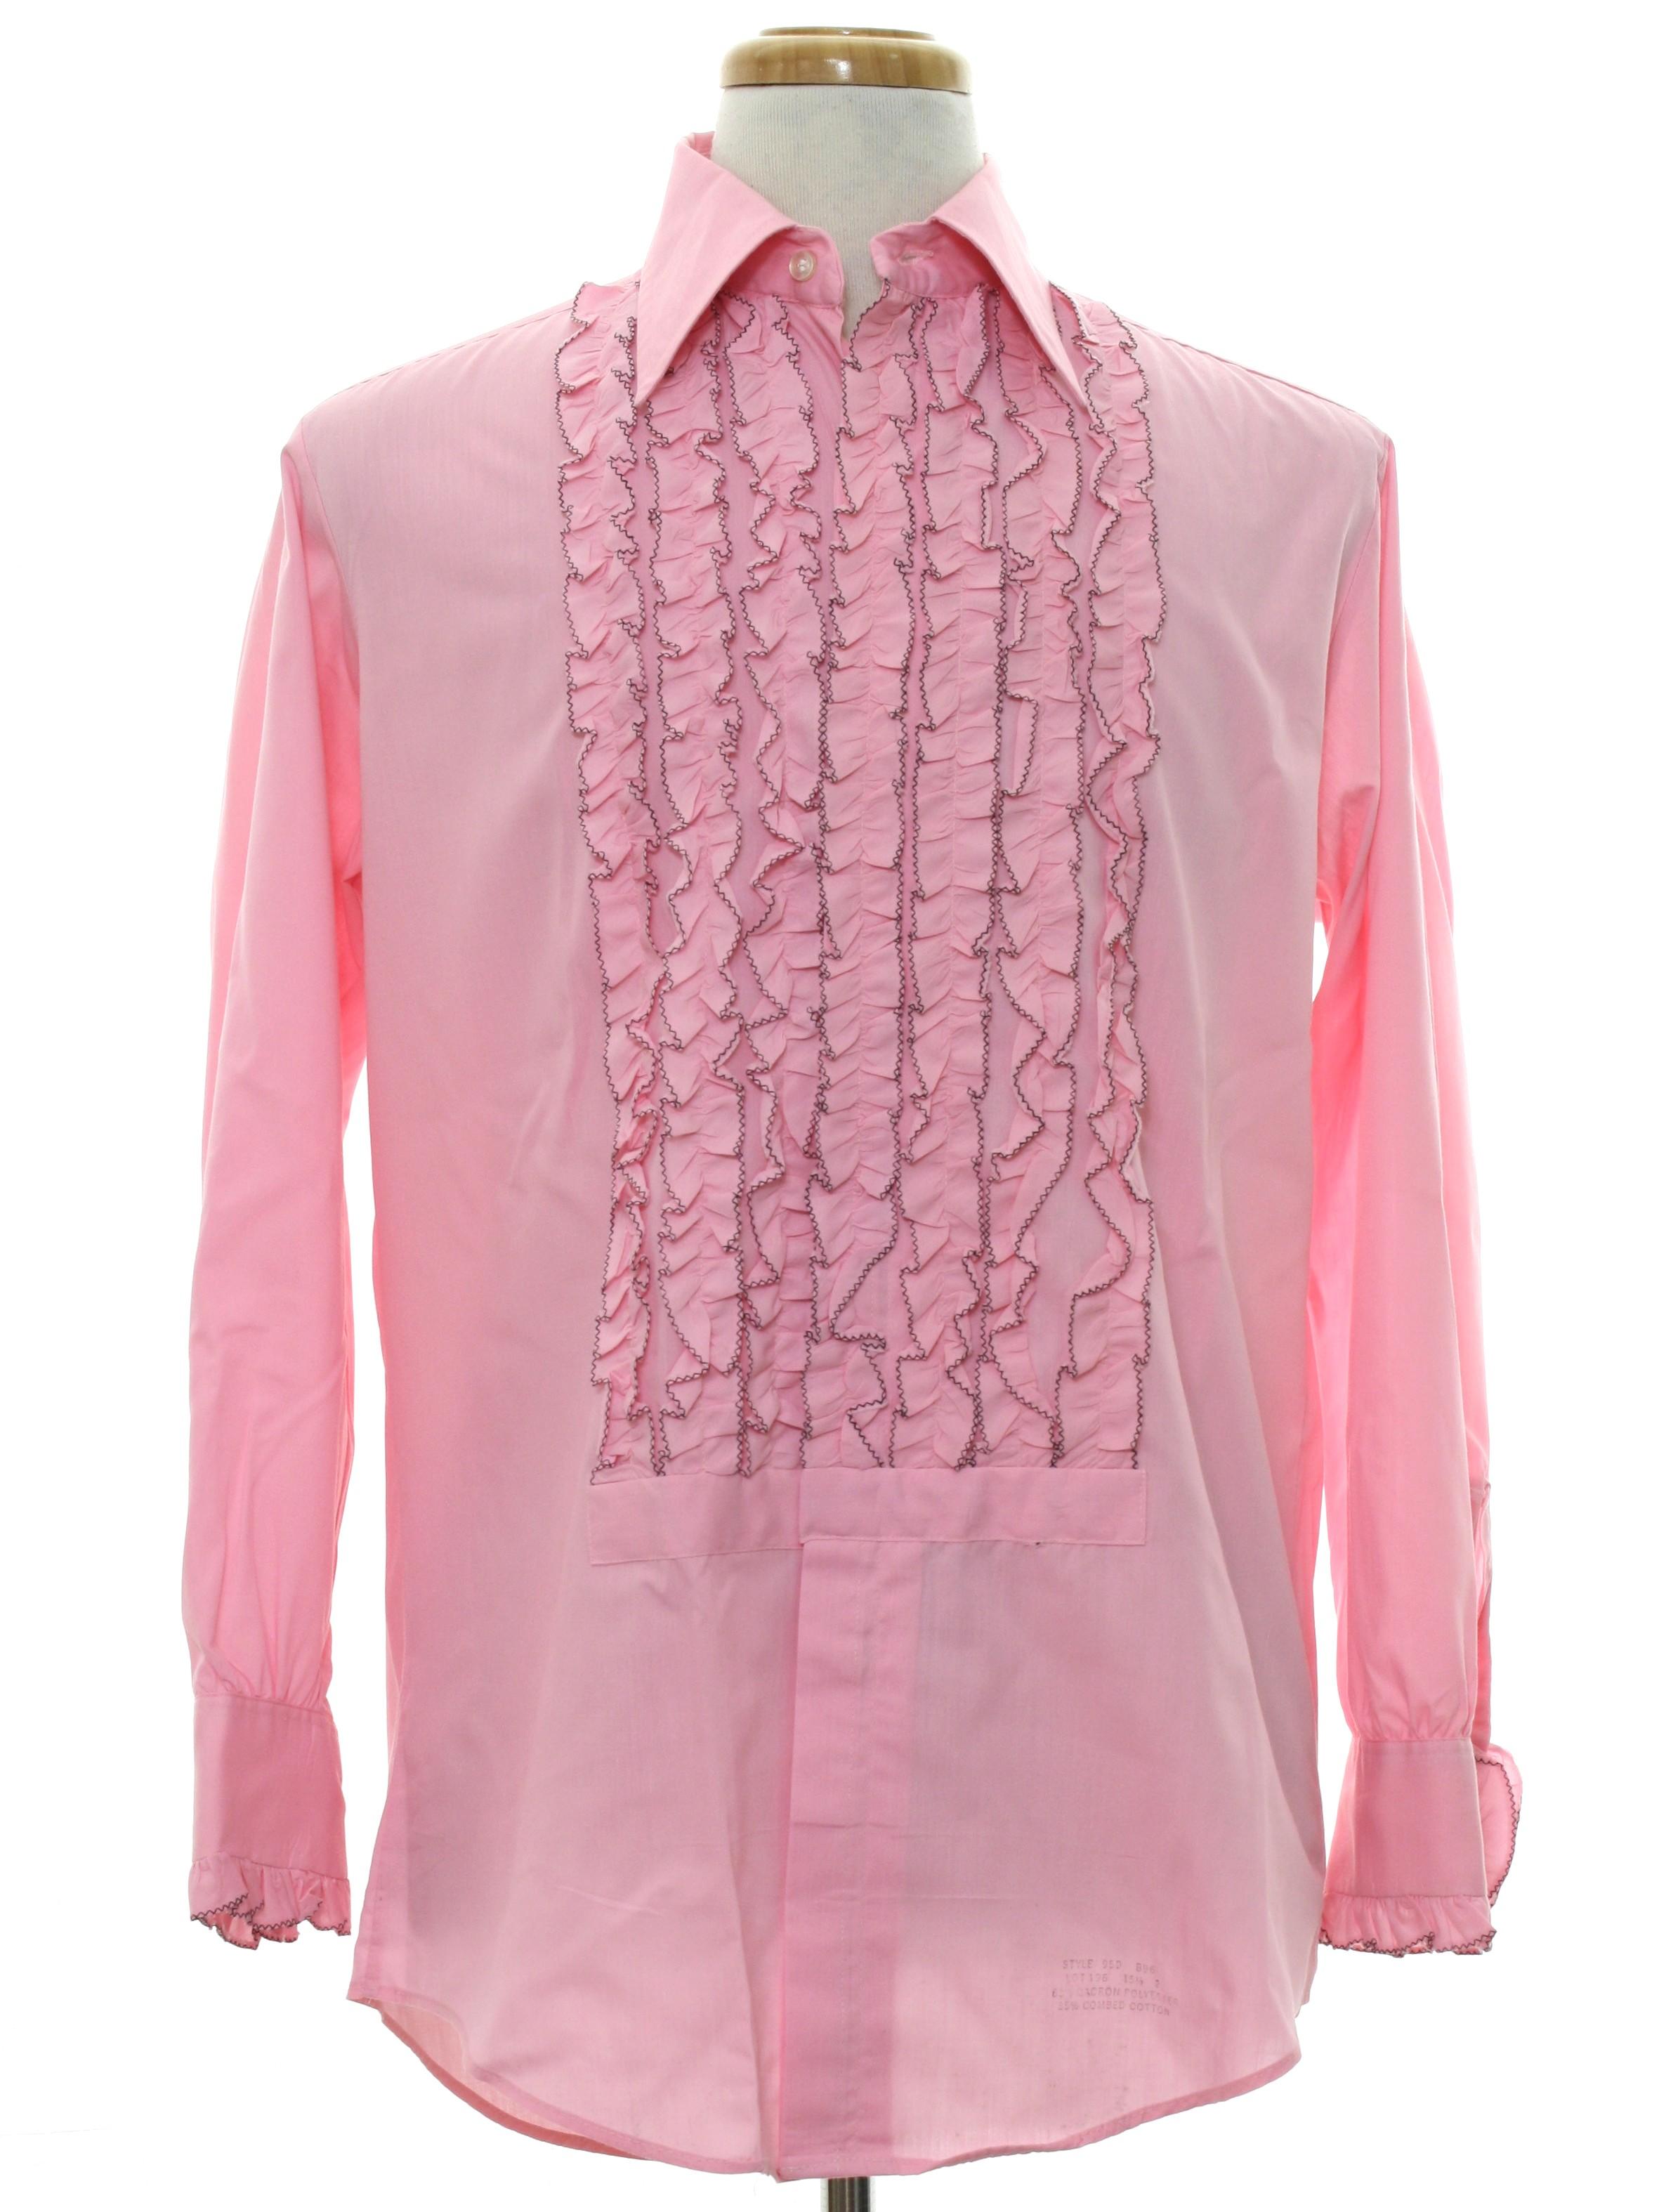 1970 39 S Vintage Delton Shirt 70s Delton Mens Hot Pink